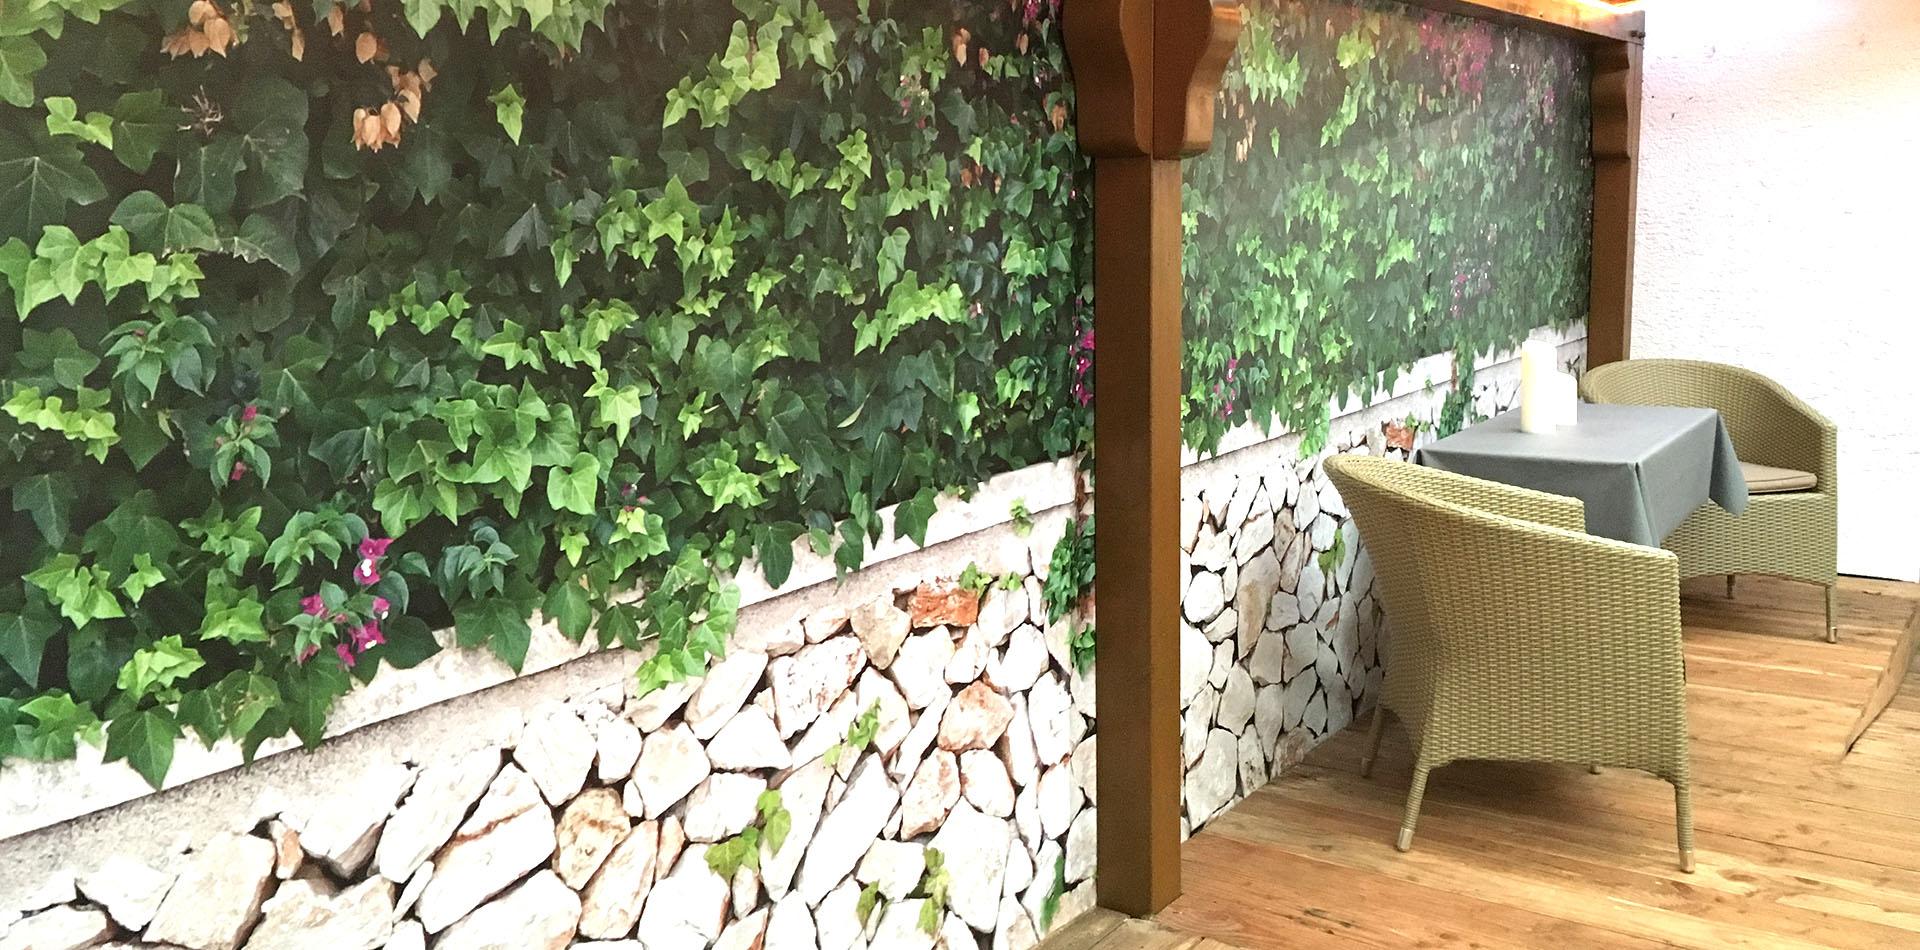 Full Size of Sichtschutz Garten Sthetischer Fr Den Von Myfence Zaun Loungemöbel Wohnen Und Abo Mini Pool Swimmingpool Bewässerungssysteme Test Lounge Set Schaukel Holz Garten Sichtschutz Garten